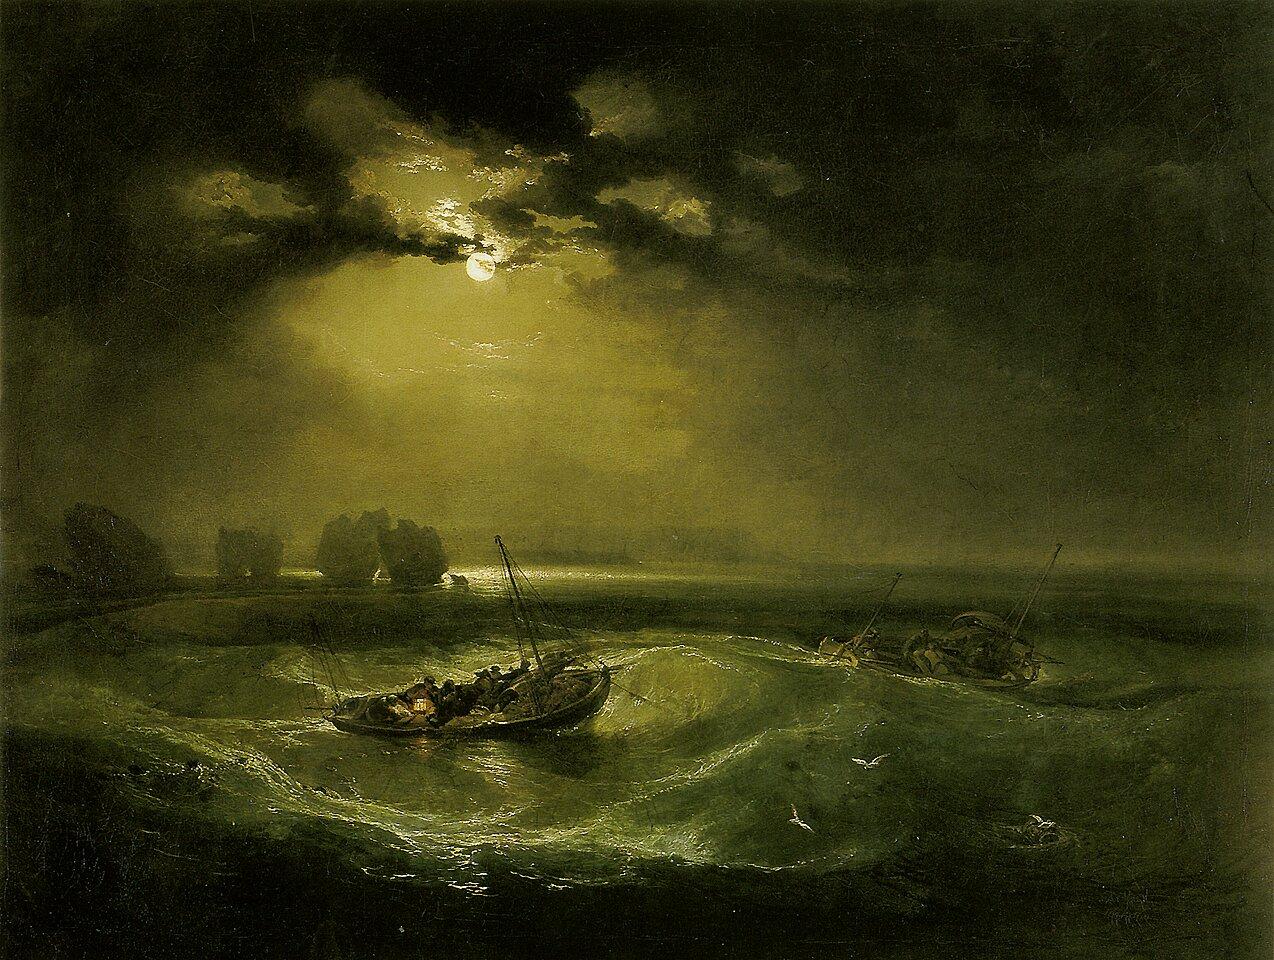 Rybacy na morzu Źródło: Joseph Mallord William Turner, Rybacy na morzu, 1796, olej na płótnie, Muzeum Sztuki Brytyjskiej, domena publiczna.